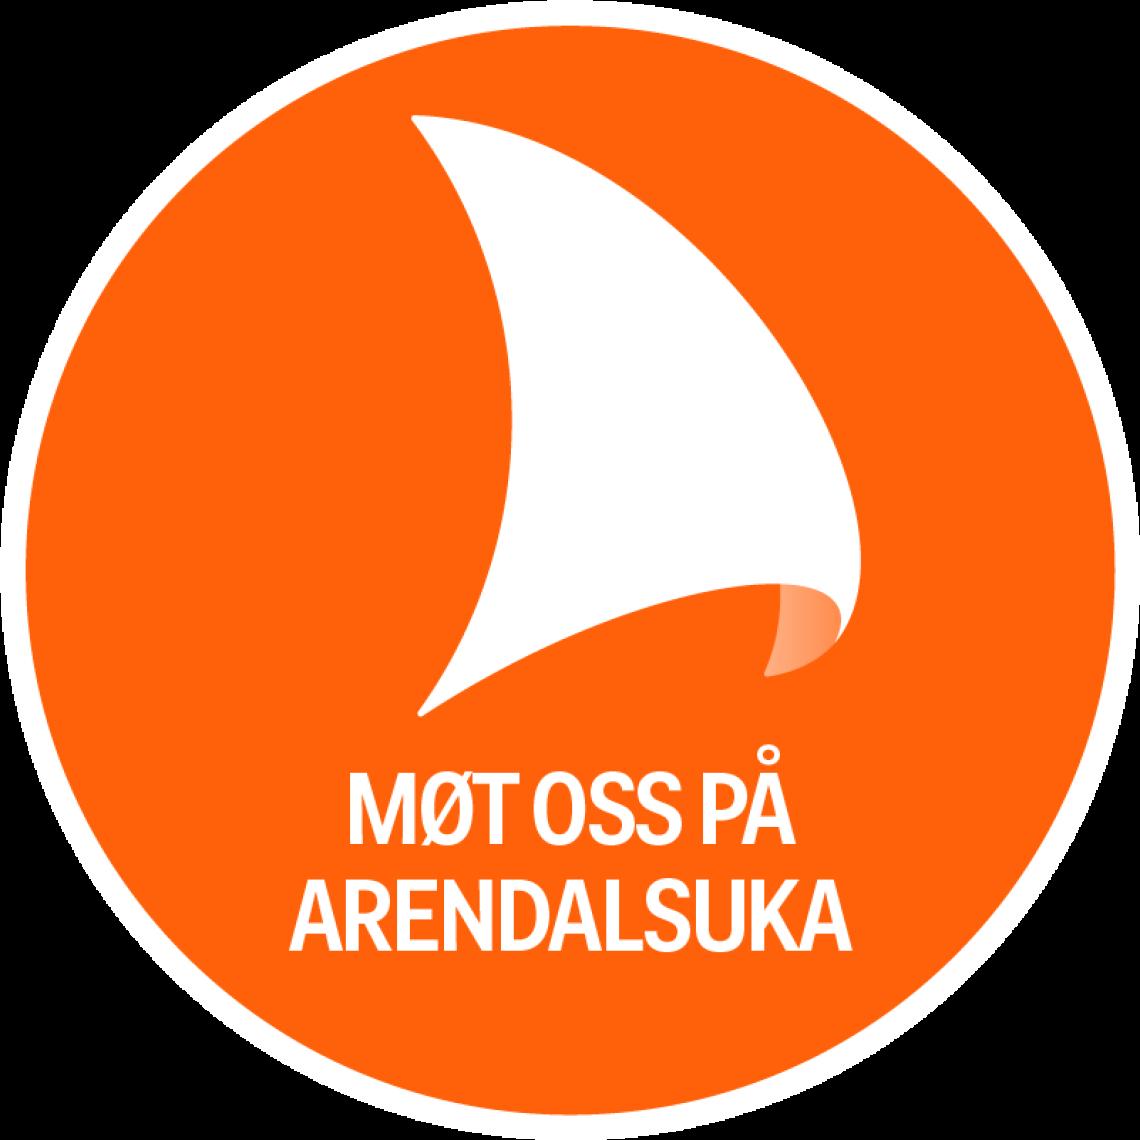 Oversikt over arrangementer under Arendalsuka